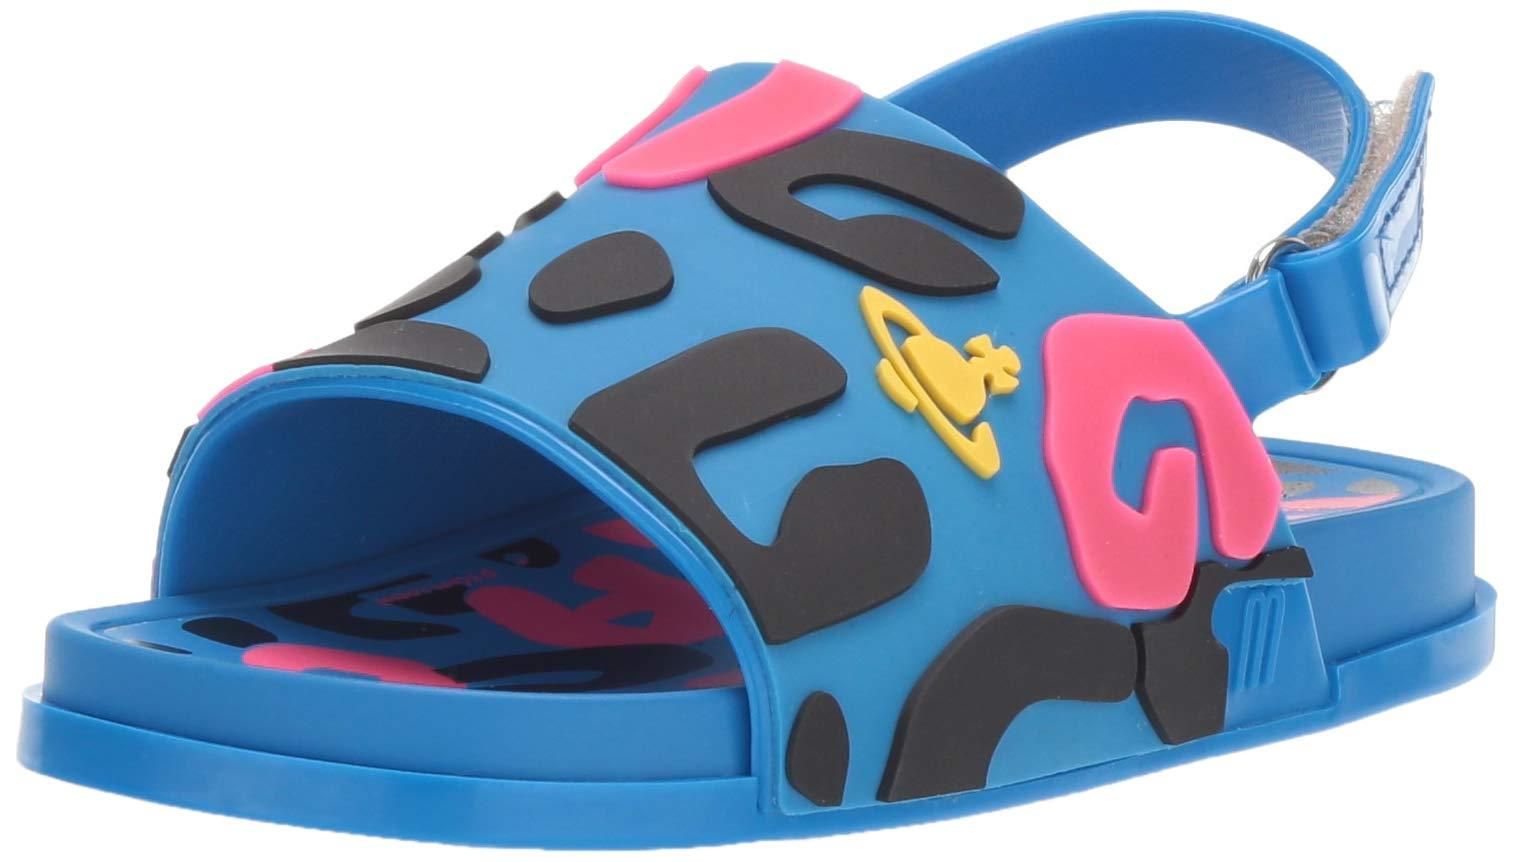 Mini Melissa Girls' VWA + Mini Beach Slide Sandal II, Blue/Pink/Black, 12 Medium US Little Kid